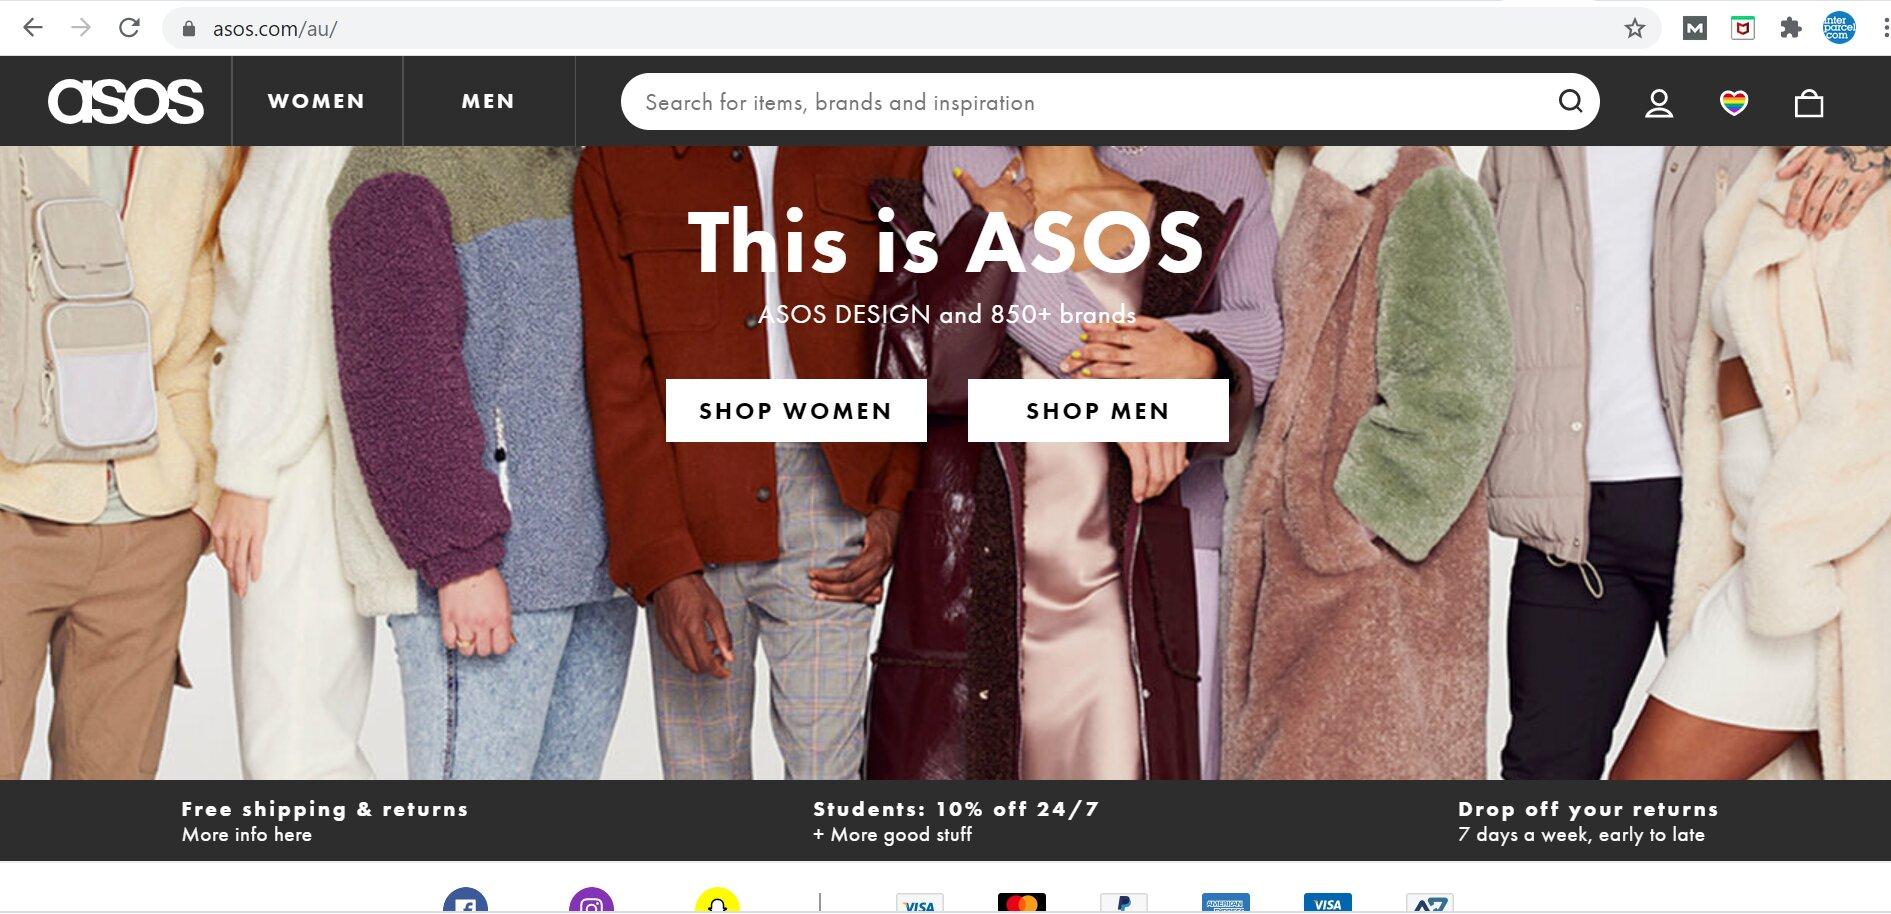 ASOS Free Shipping